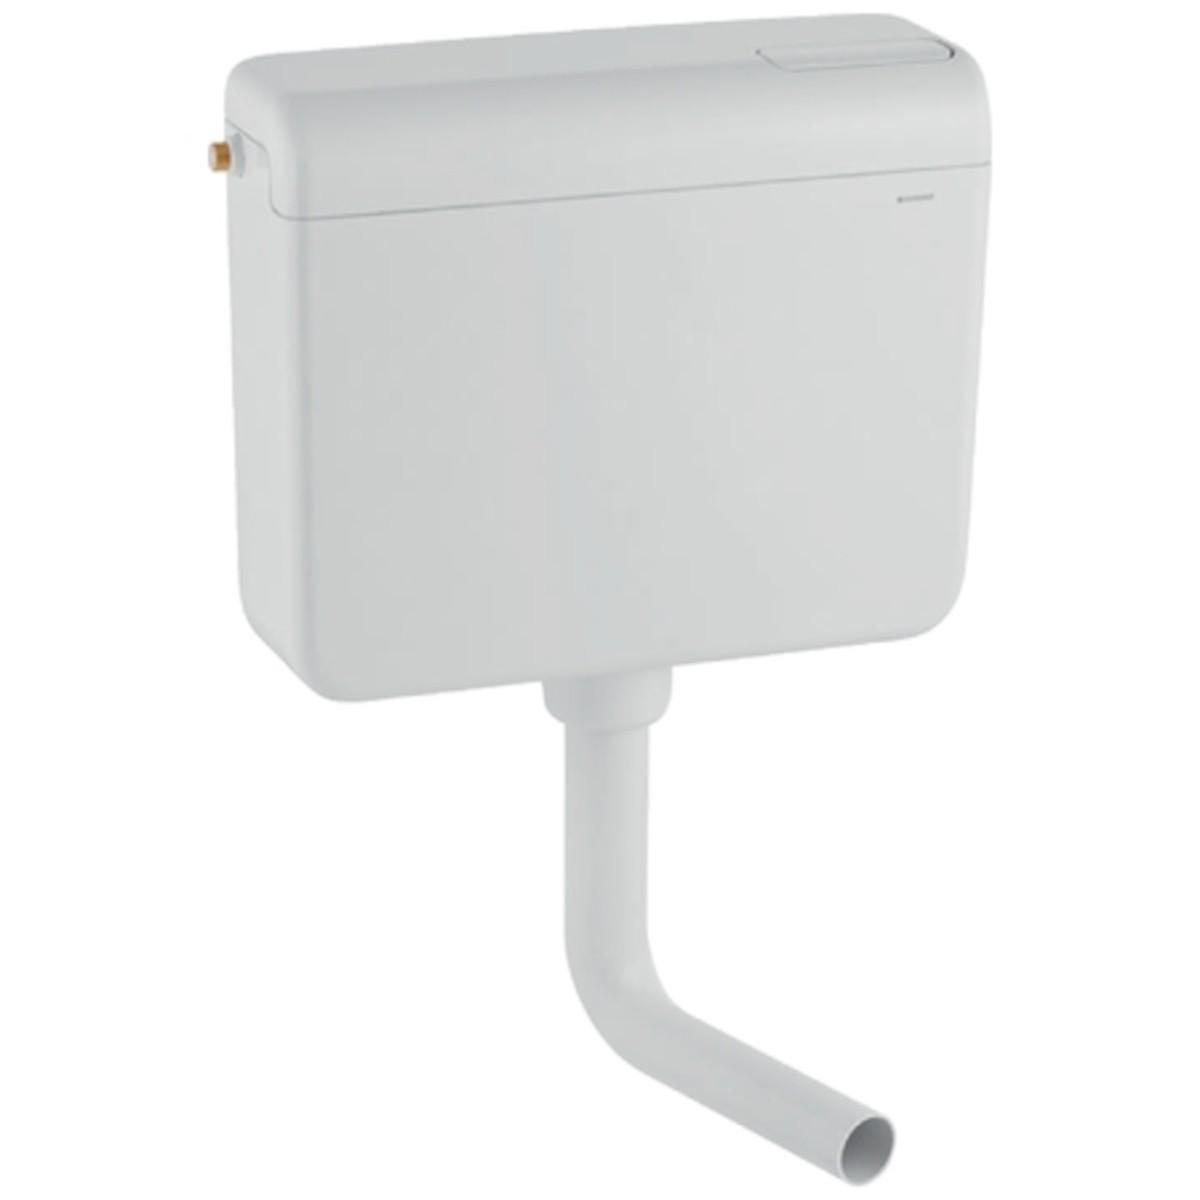 Nádržka na stěnu k WC Geberit AP 136.230.11.1